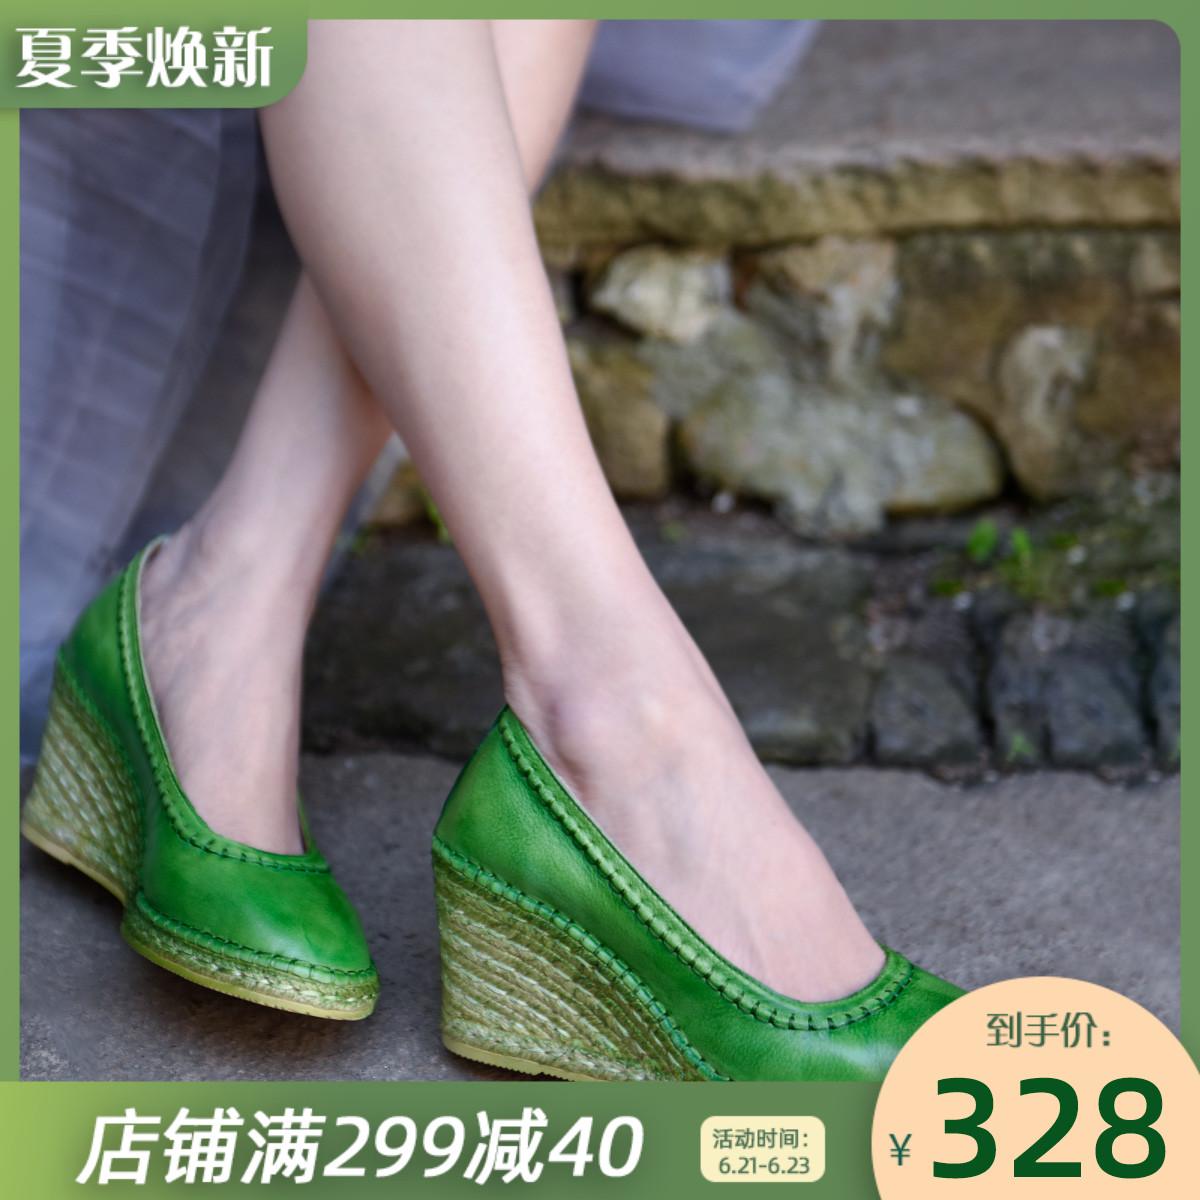 绿色单鞋 Artmu阿木原创复古森女浅口单鞋麻编坡跟女鞋高跟鞋绿色手工鞋_推荐淘宝好看的绿色单鞋